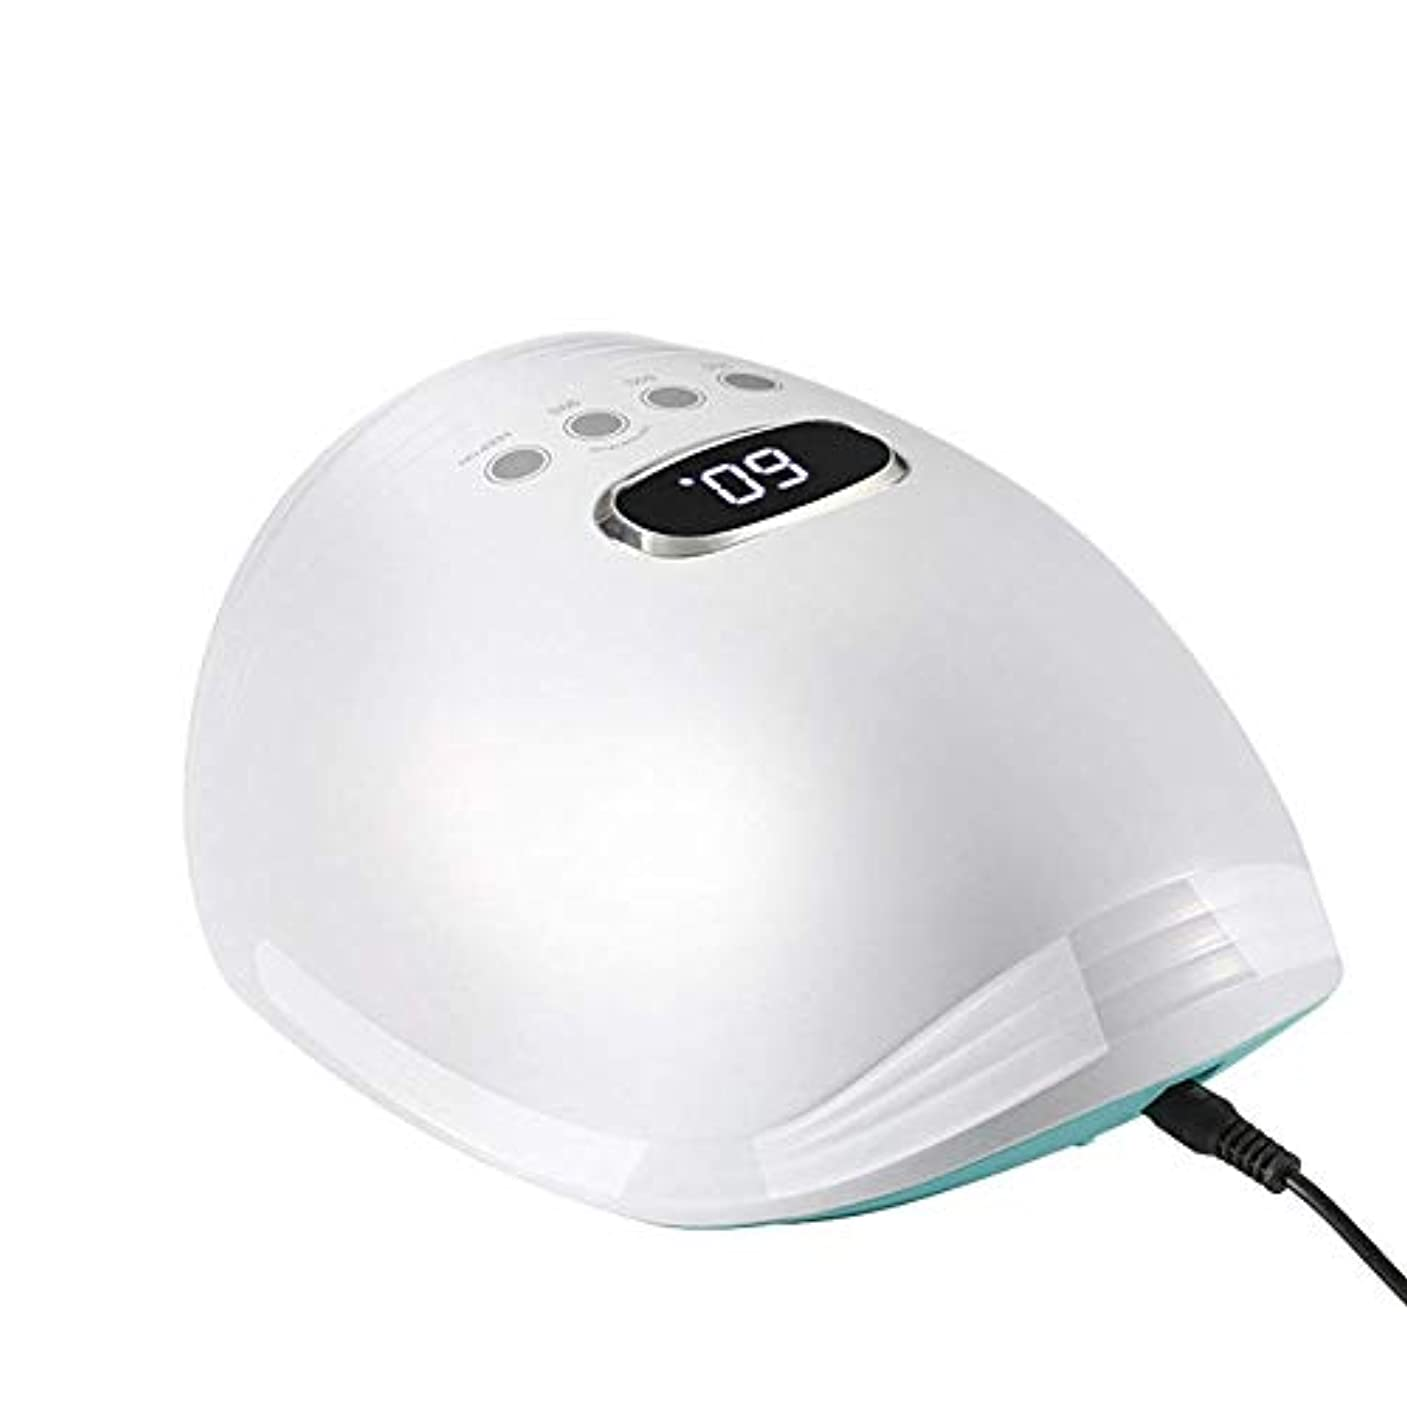 フェローシップ避ける触手新しいネイルランプled光線療法ランプ60ワット赤青光ネイル機インテリジェント誘導ネイル光線療法ランプ、ピンク (Color : White)